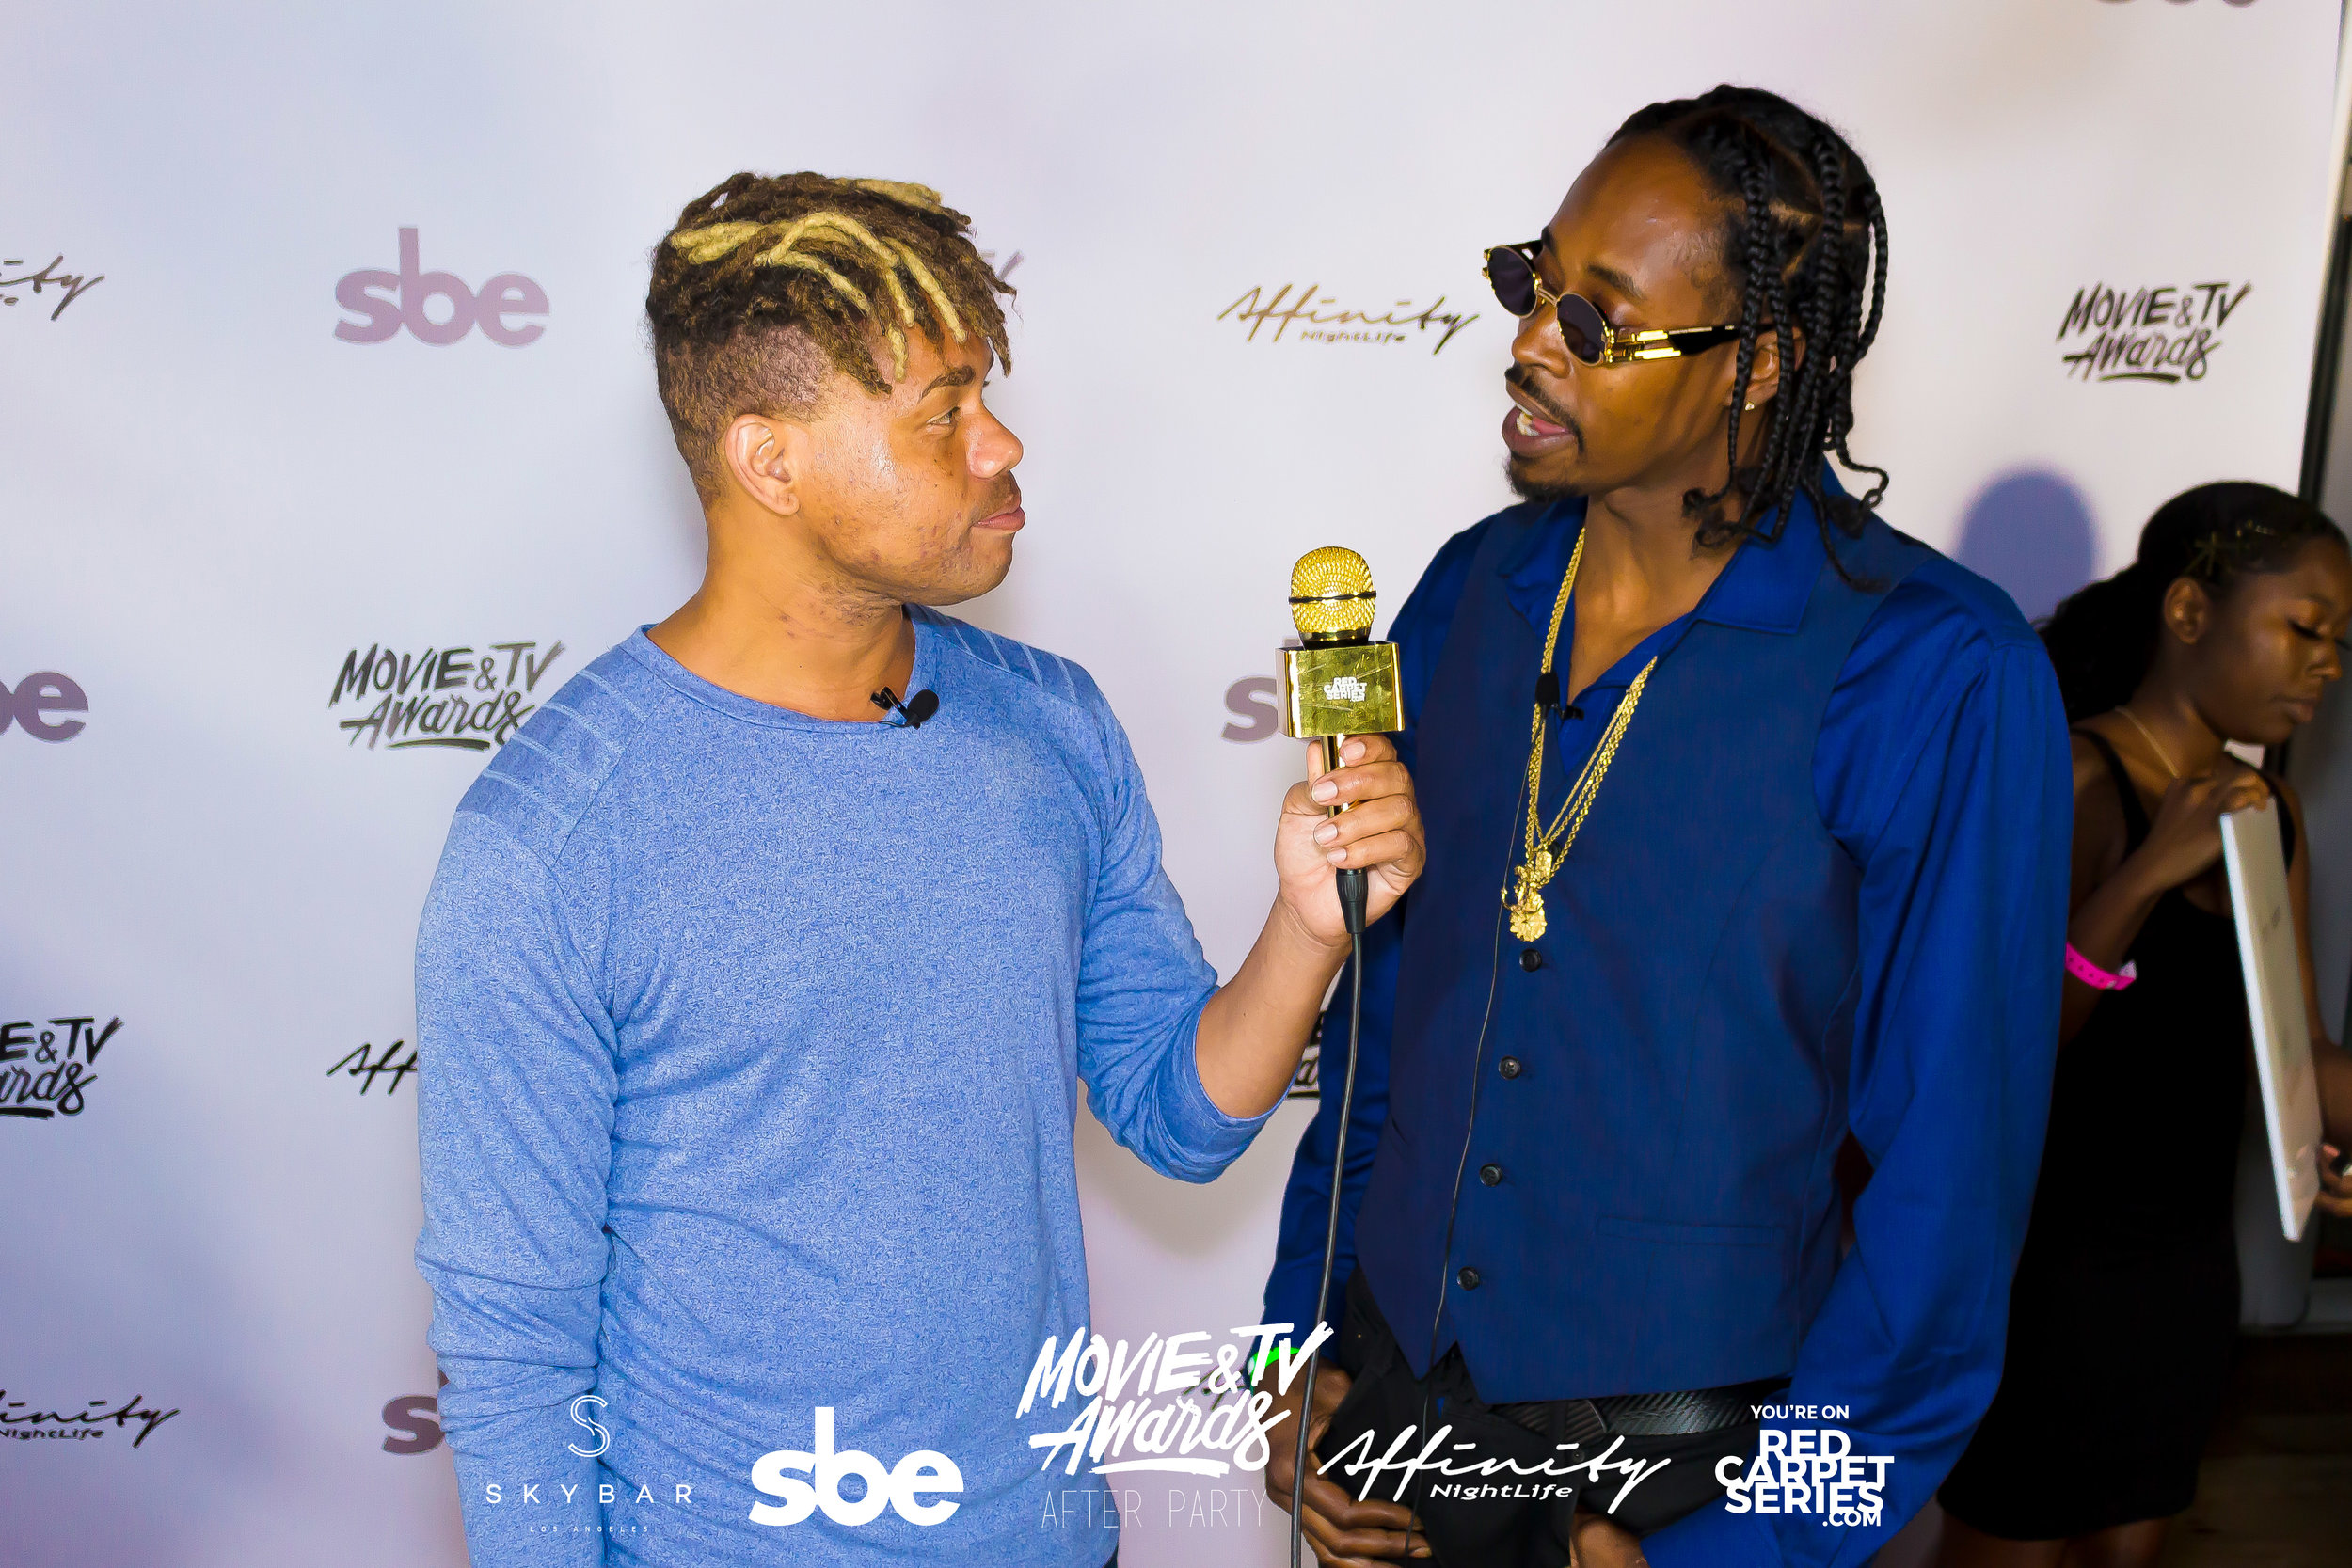 Affinity Nightlife MTV Movie & TV Awards After Party - Skybar at Mondrian - 06-15-19 - Vol. 1_106.jpg